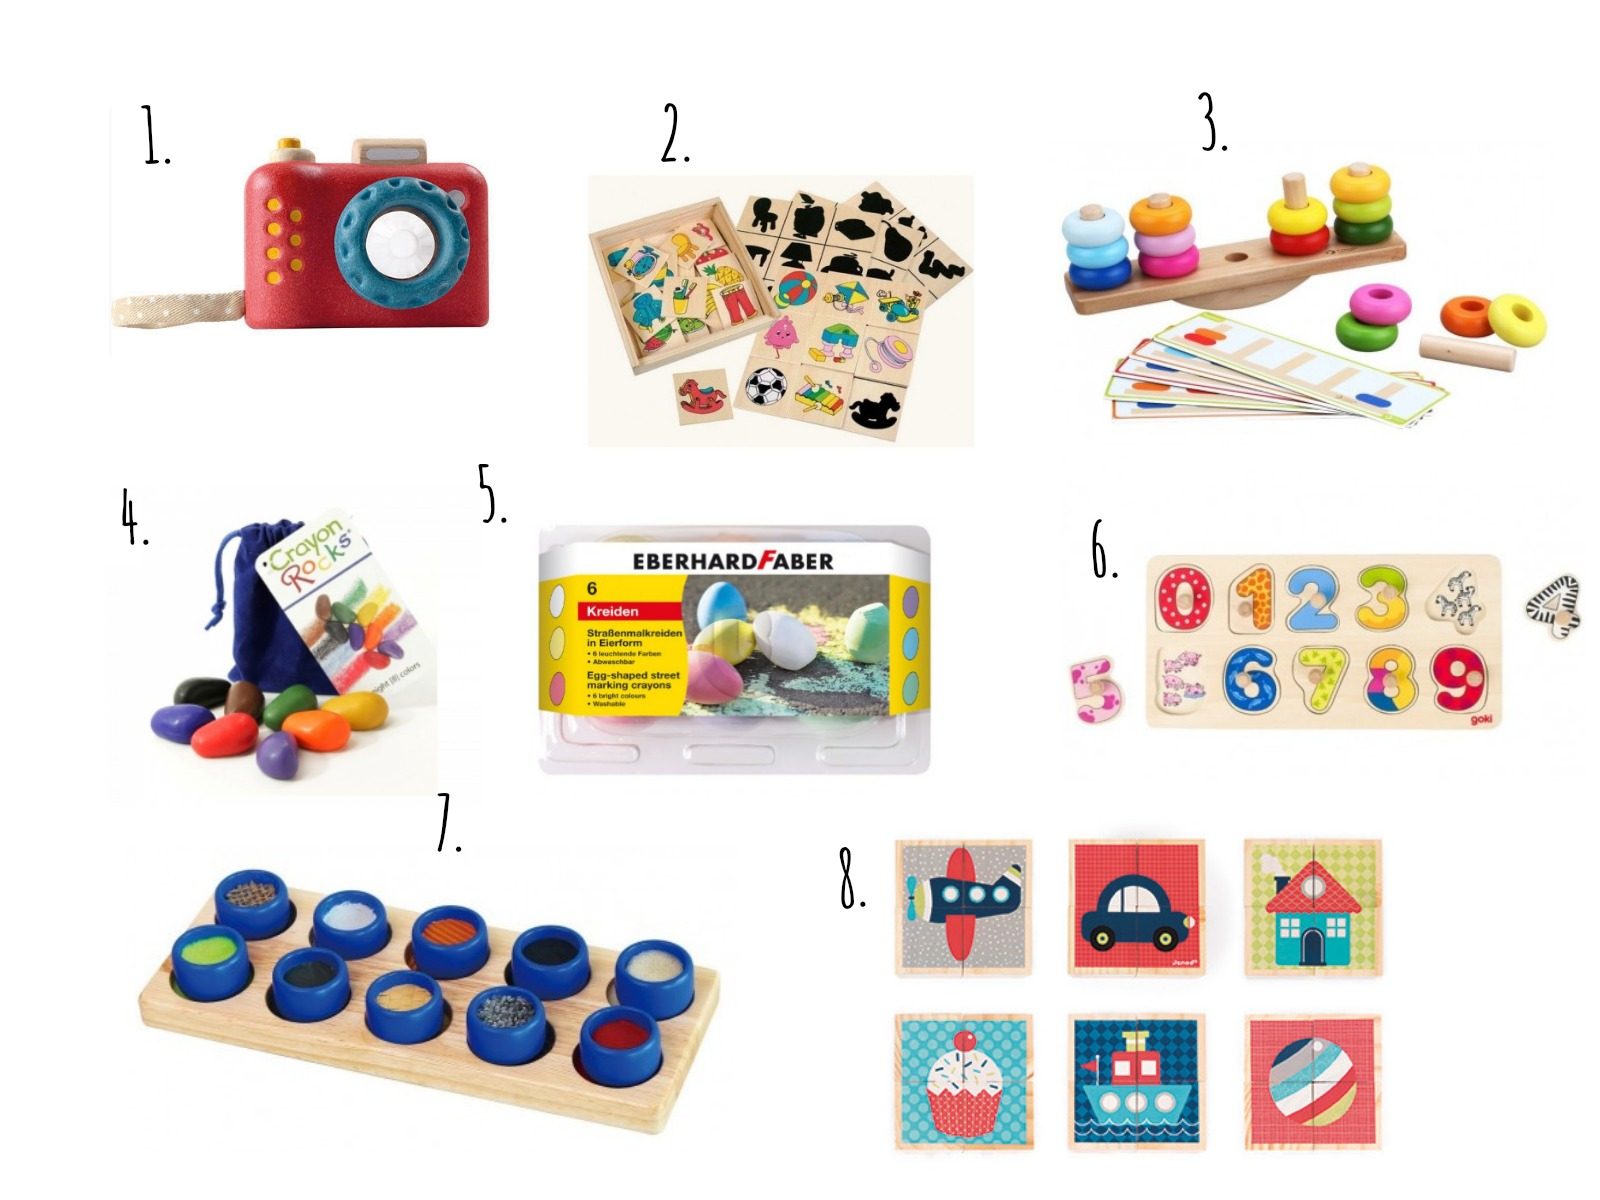 pomysły na prezent na wielkanoc, prezent dla rocznego dziecka, co dla rocznego dziecka